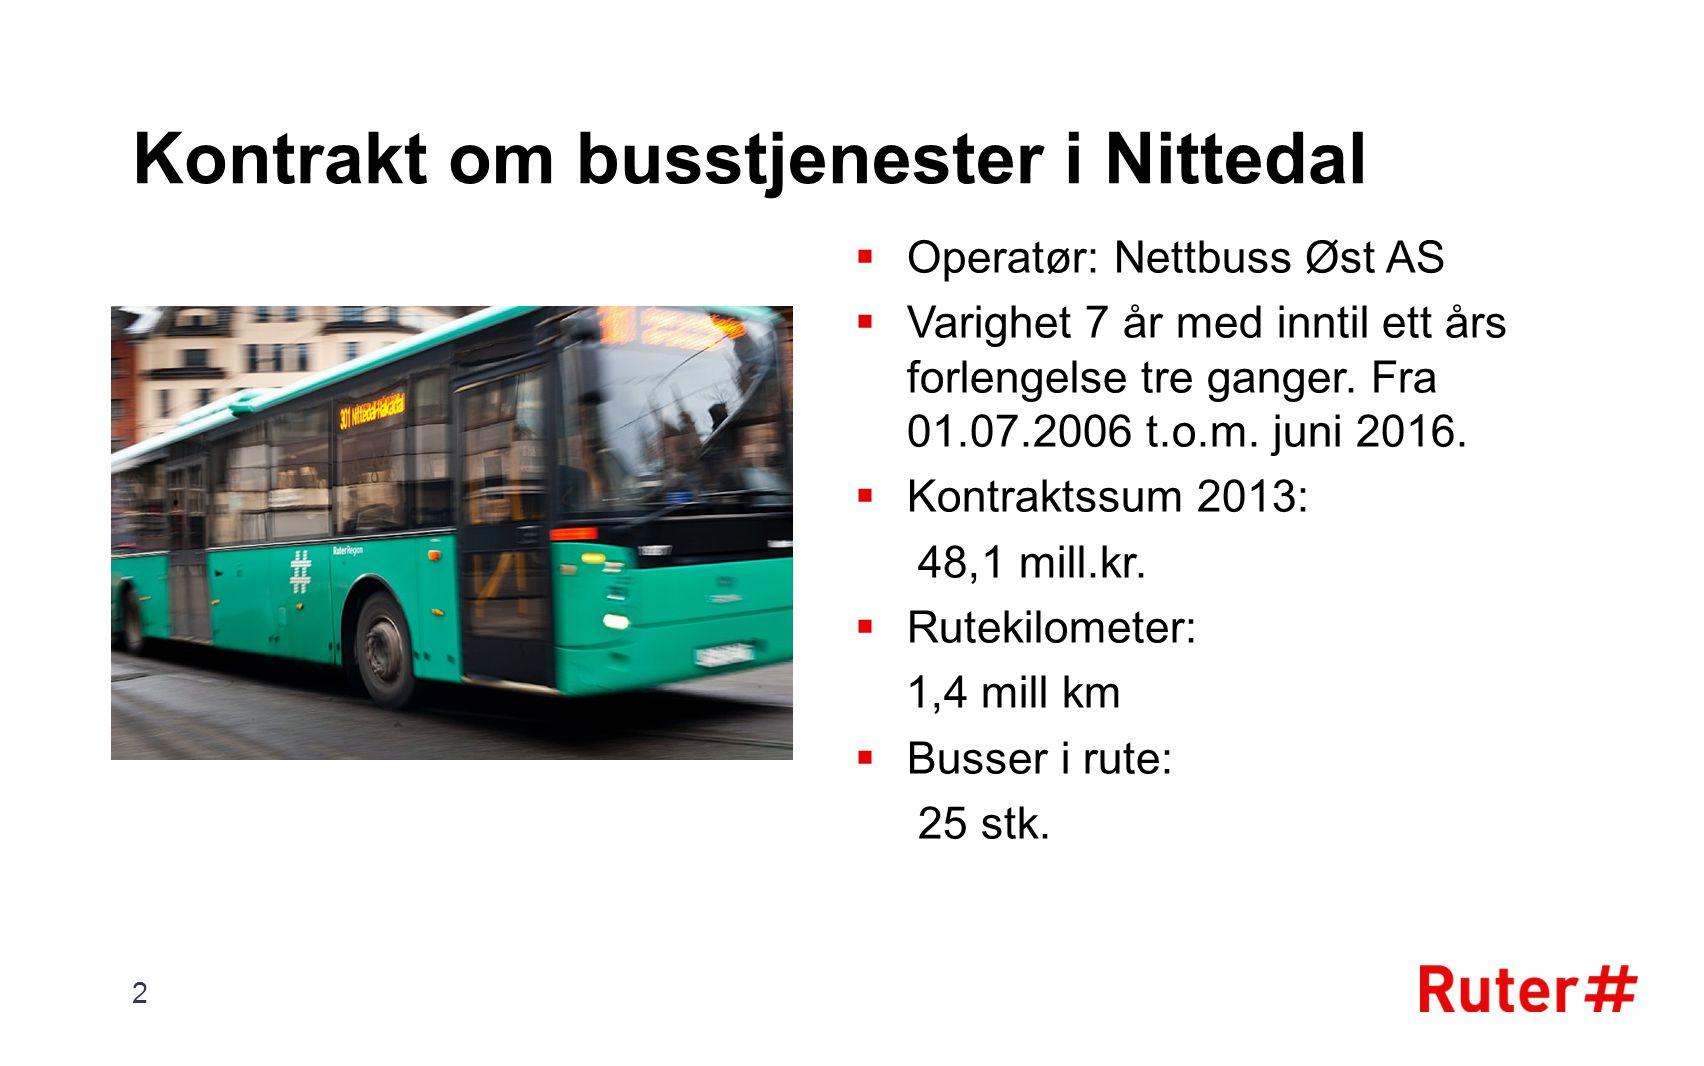 Kontrakt om busstjenester i Nittedal  Operatør: Nettbuss Øst AS  Varighet 7 år med inntil ett års forlengelse tre ganger. Fra 01.07.2006 t.o.m. juni